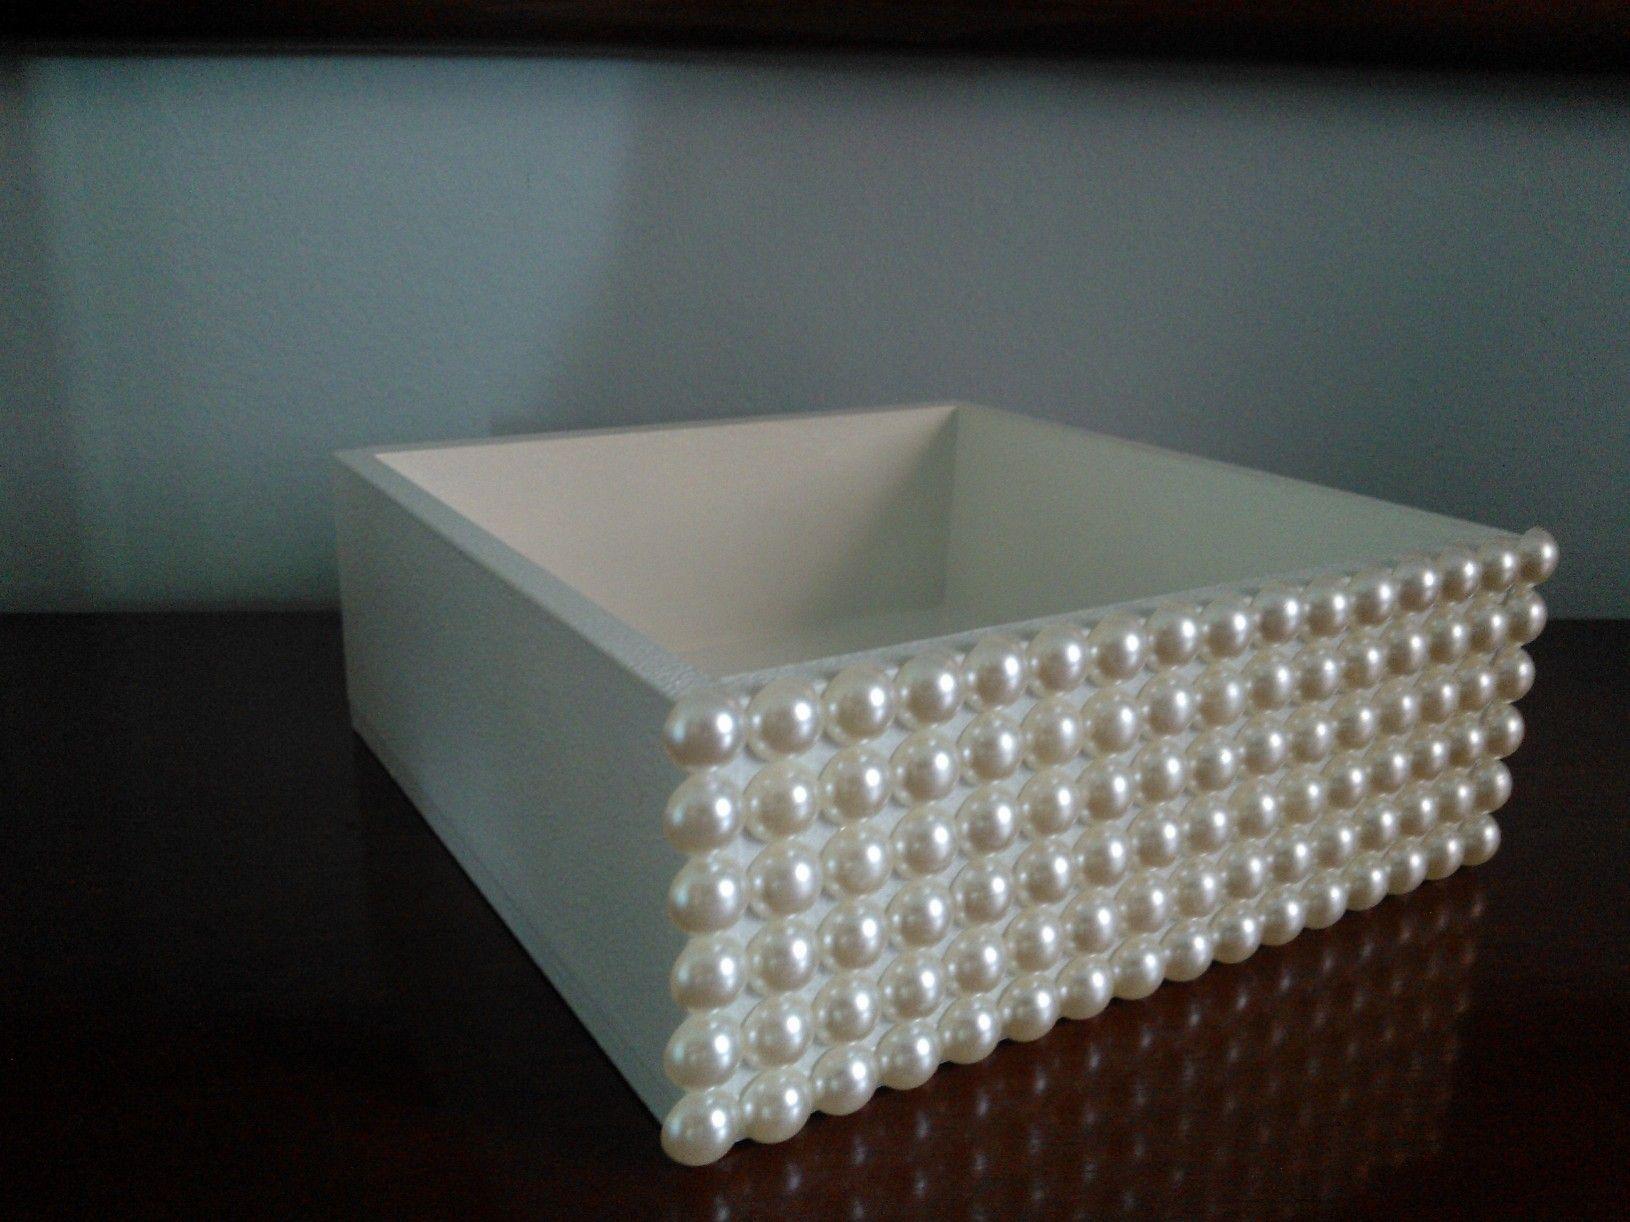 como fazer caixas decorativas - Pesquisa Google